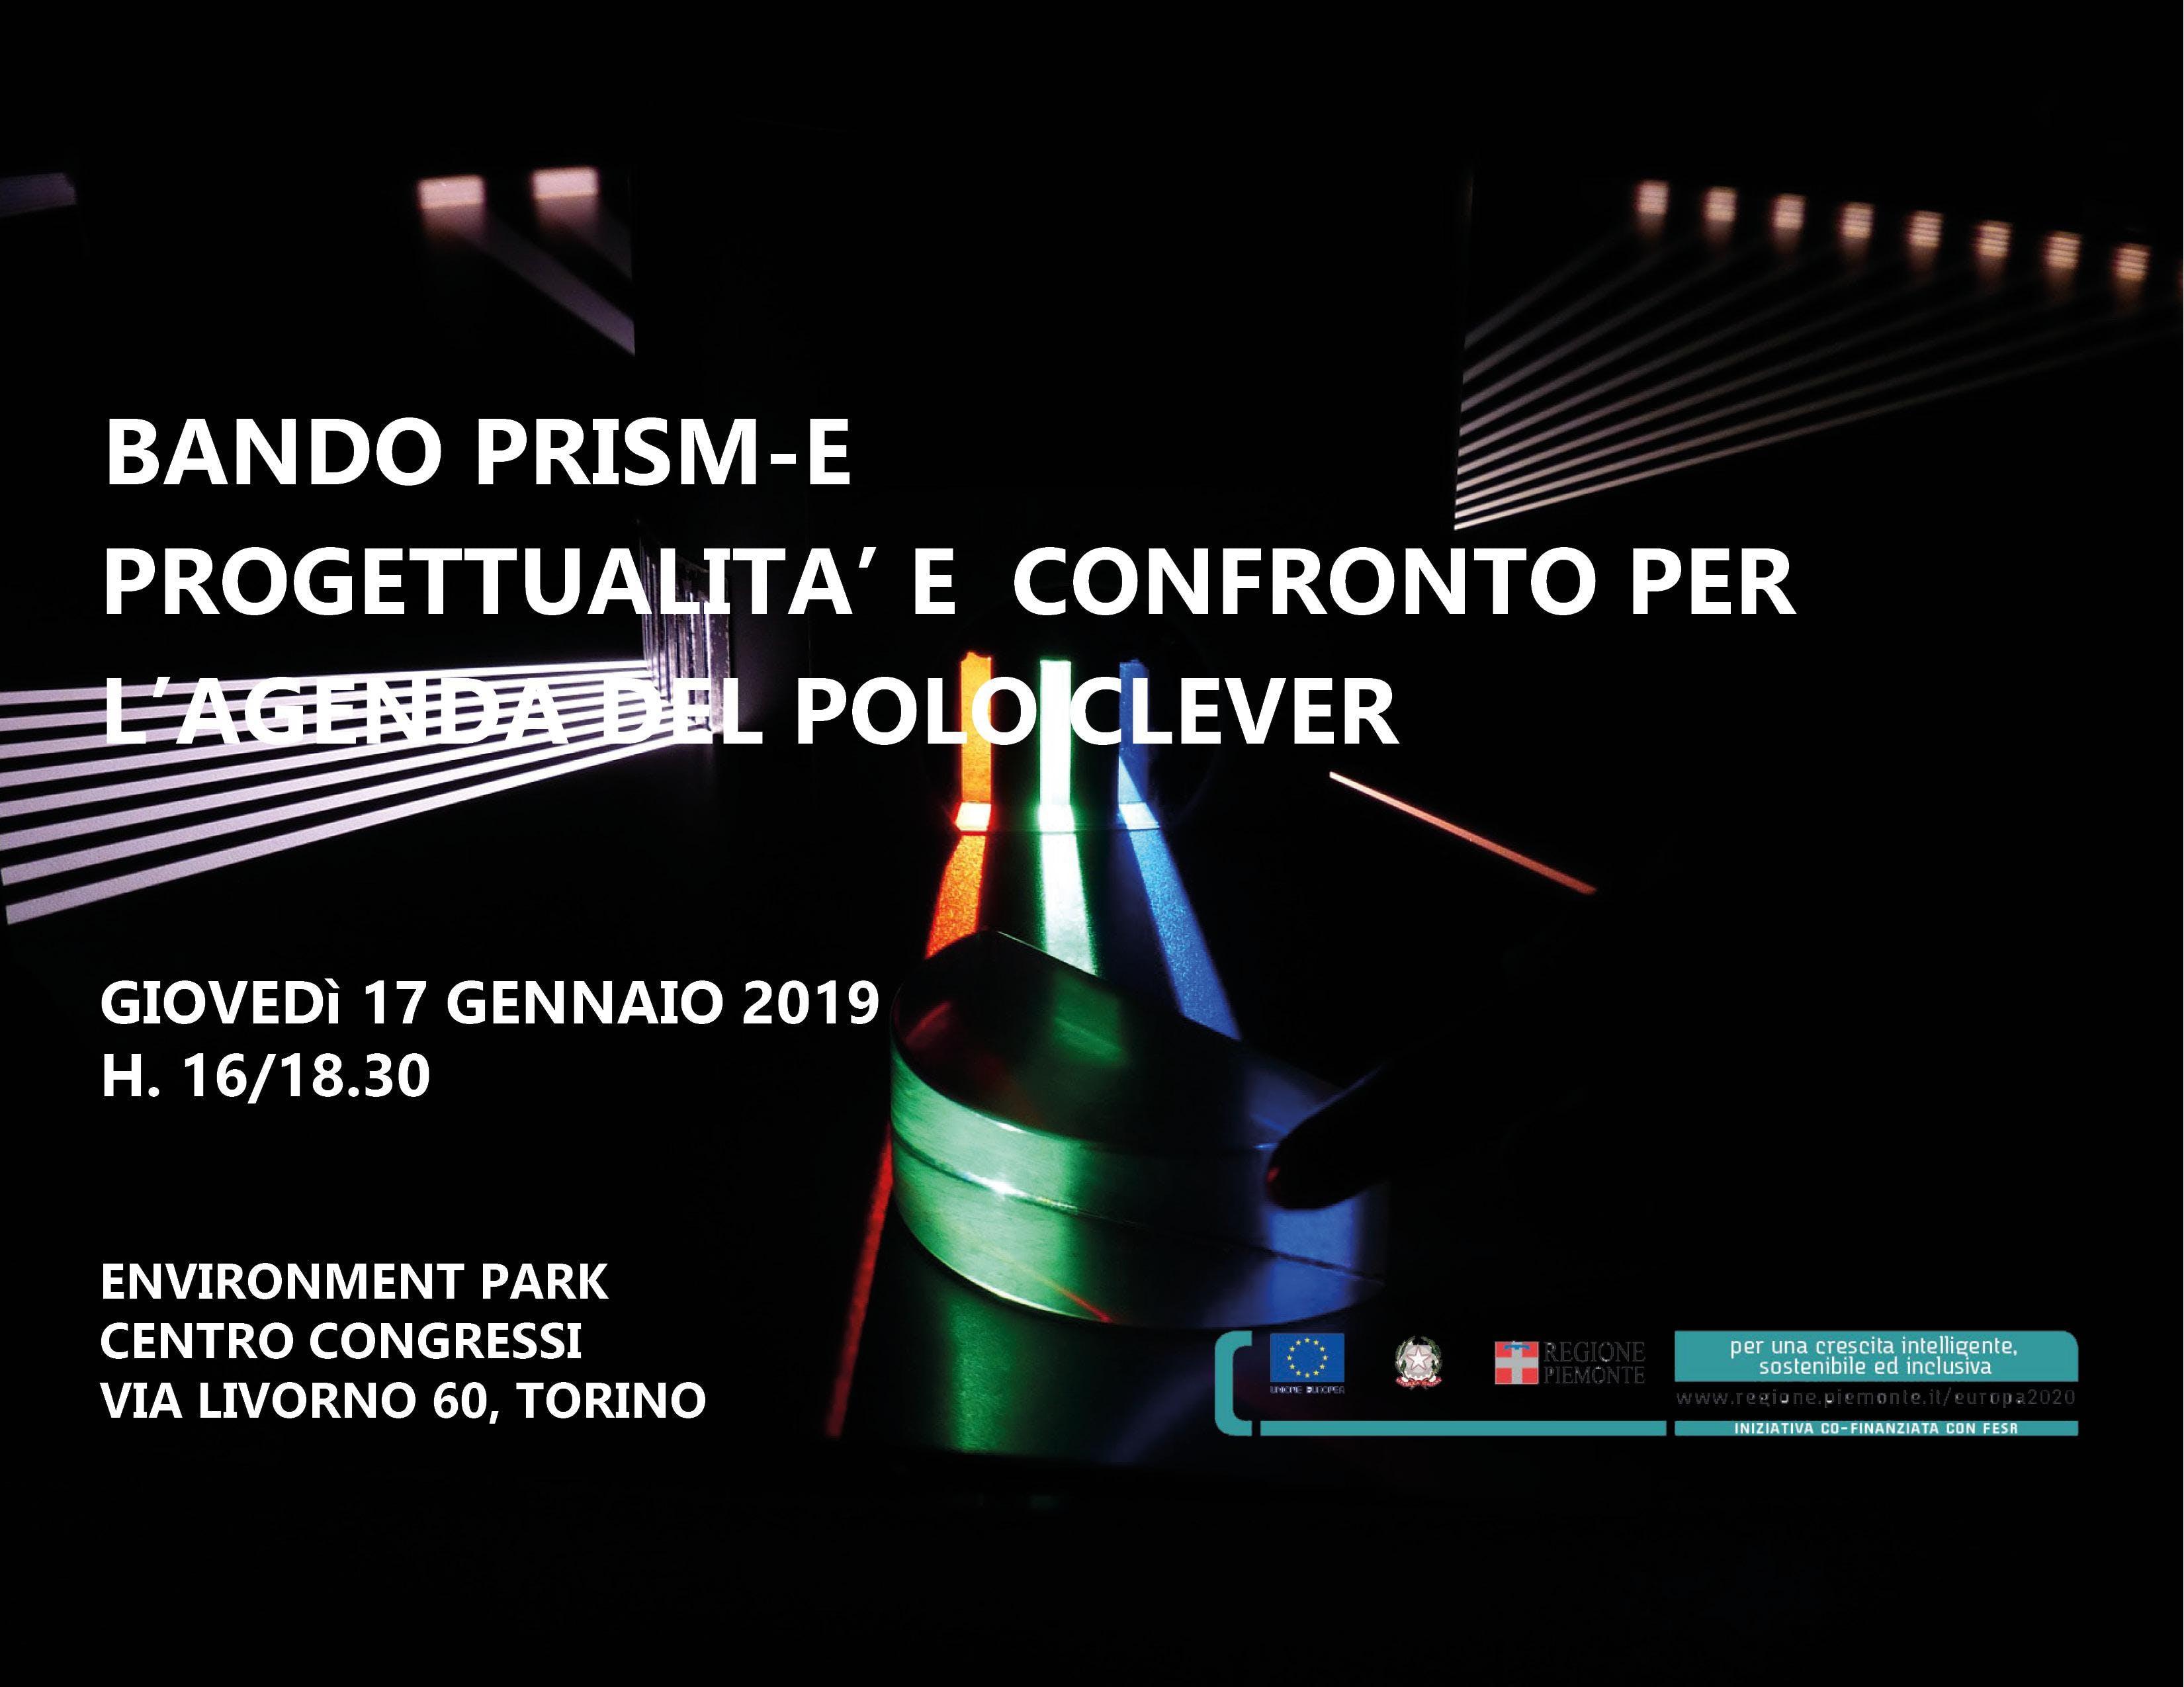 Bando PRISM-E: progettualità e confronto per